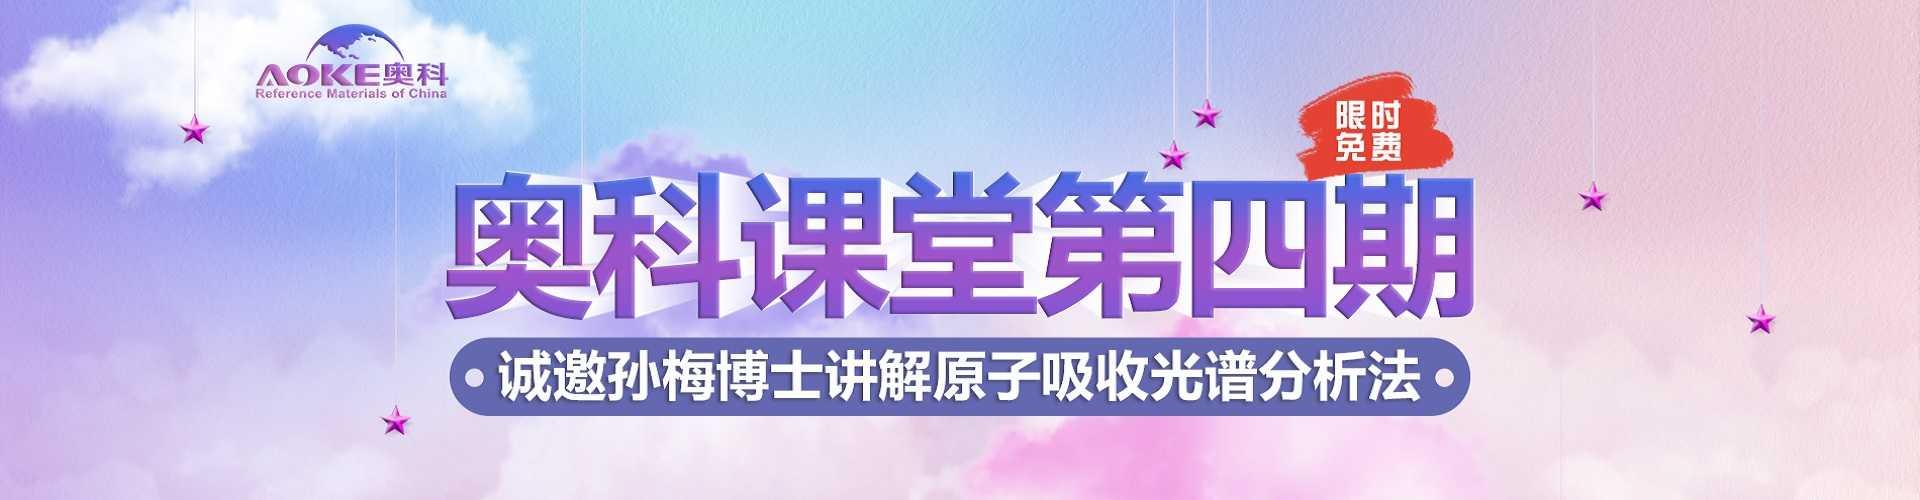 交流区-www.bzwz.com奥科集团